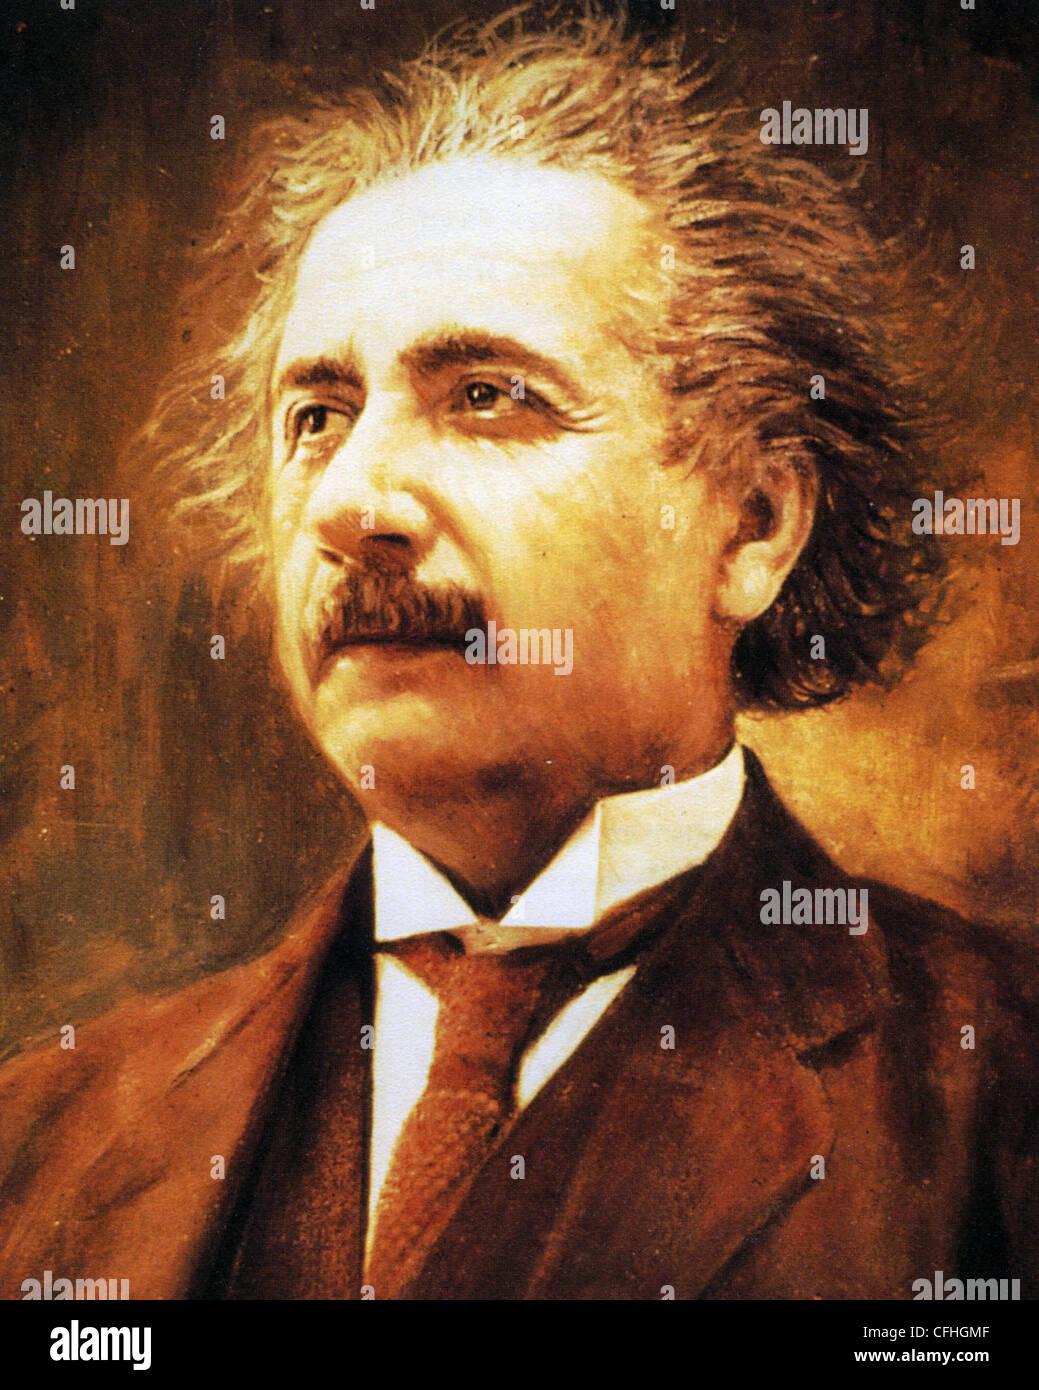 ALBERT EINSTEIN (1879-1955) physicien théorique né en Allemagne Photo Stock